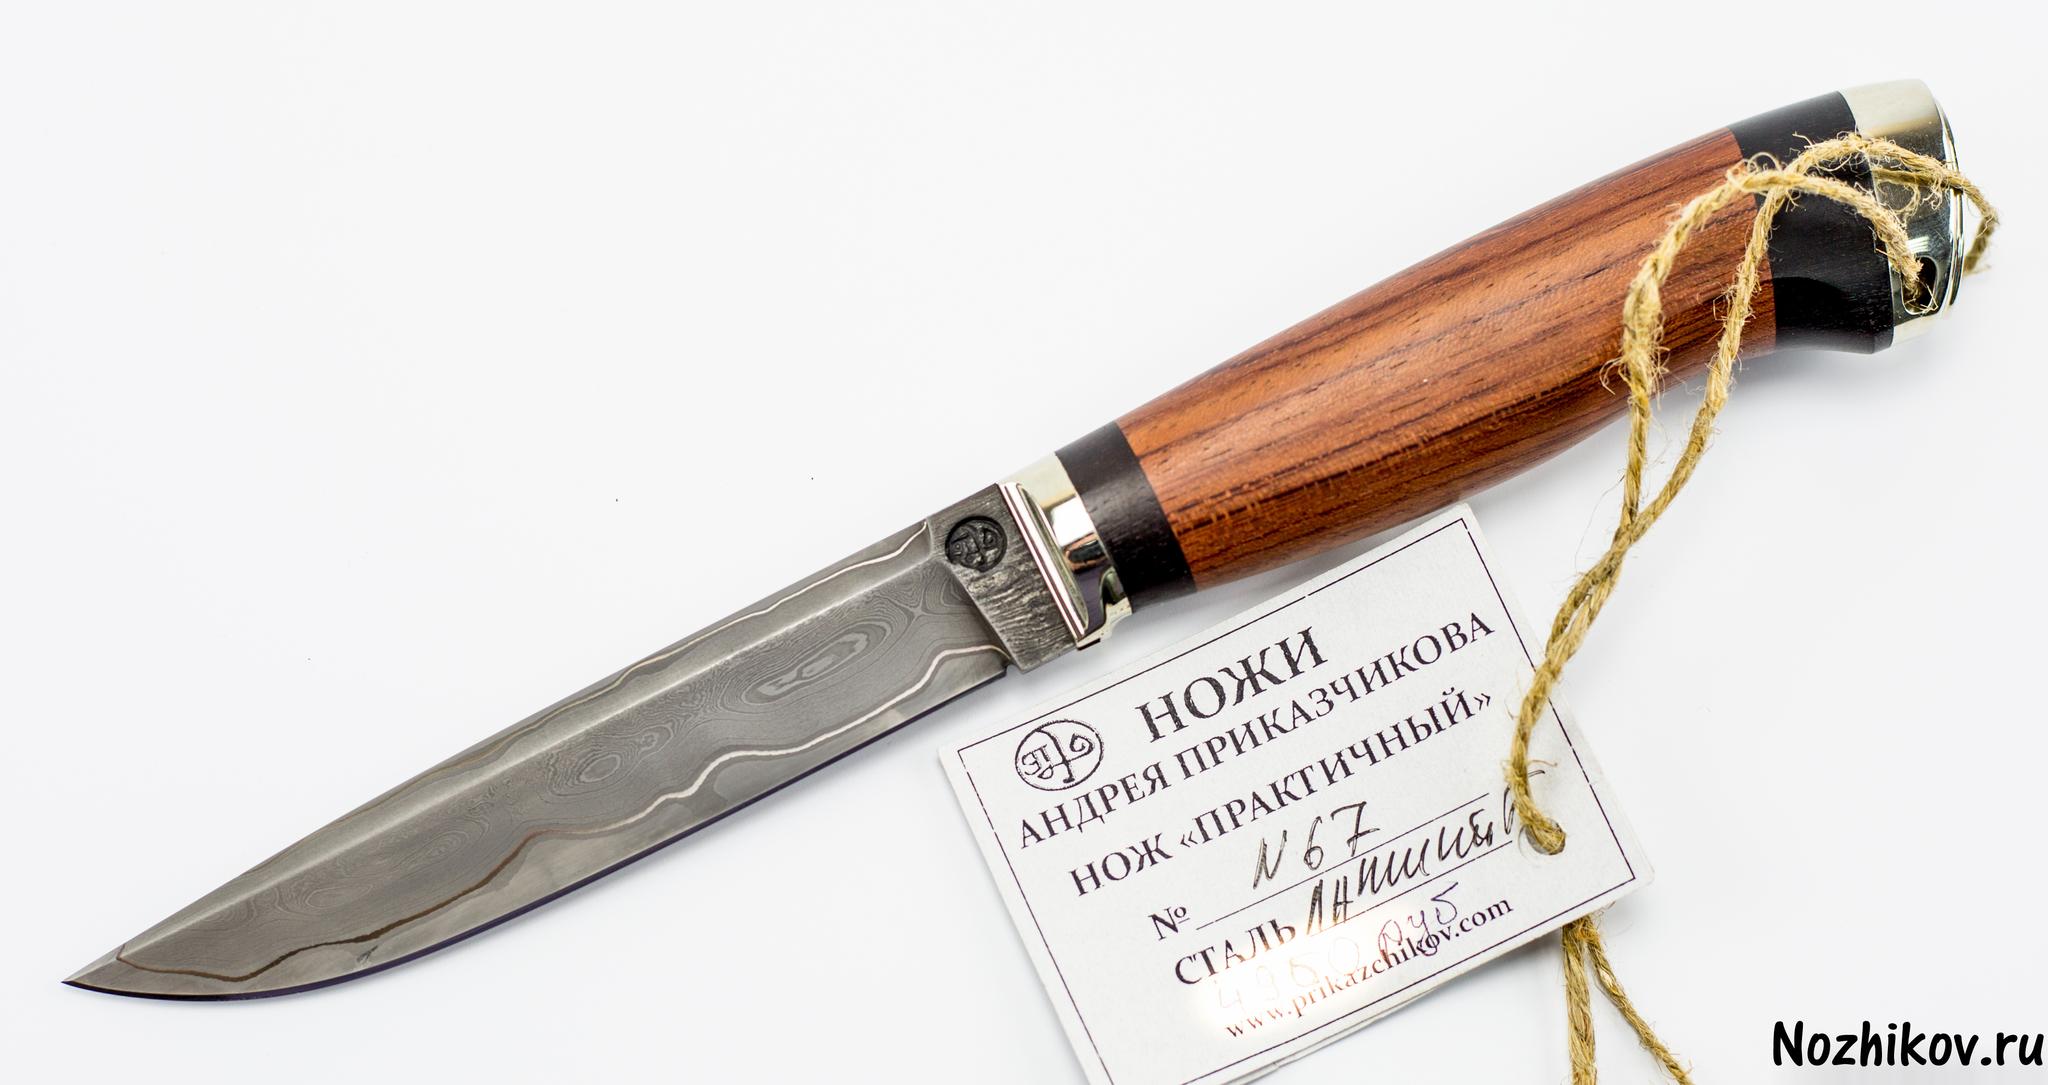 Нож Практичный №67 из Ламината, от ПриказчиковаНожи Павлово<br><br>